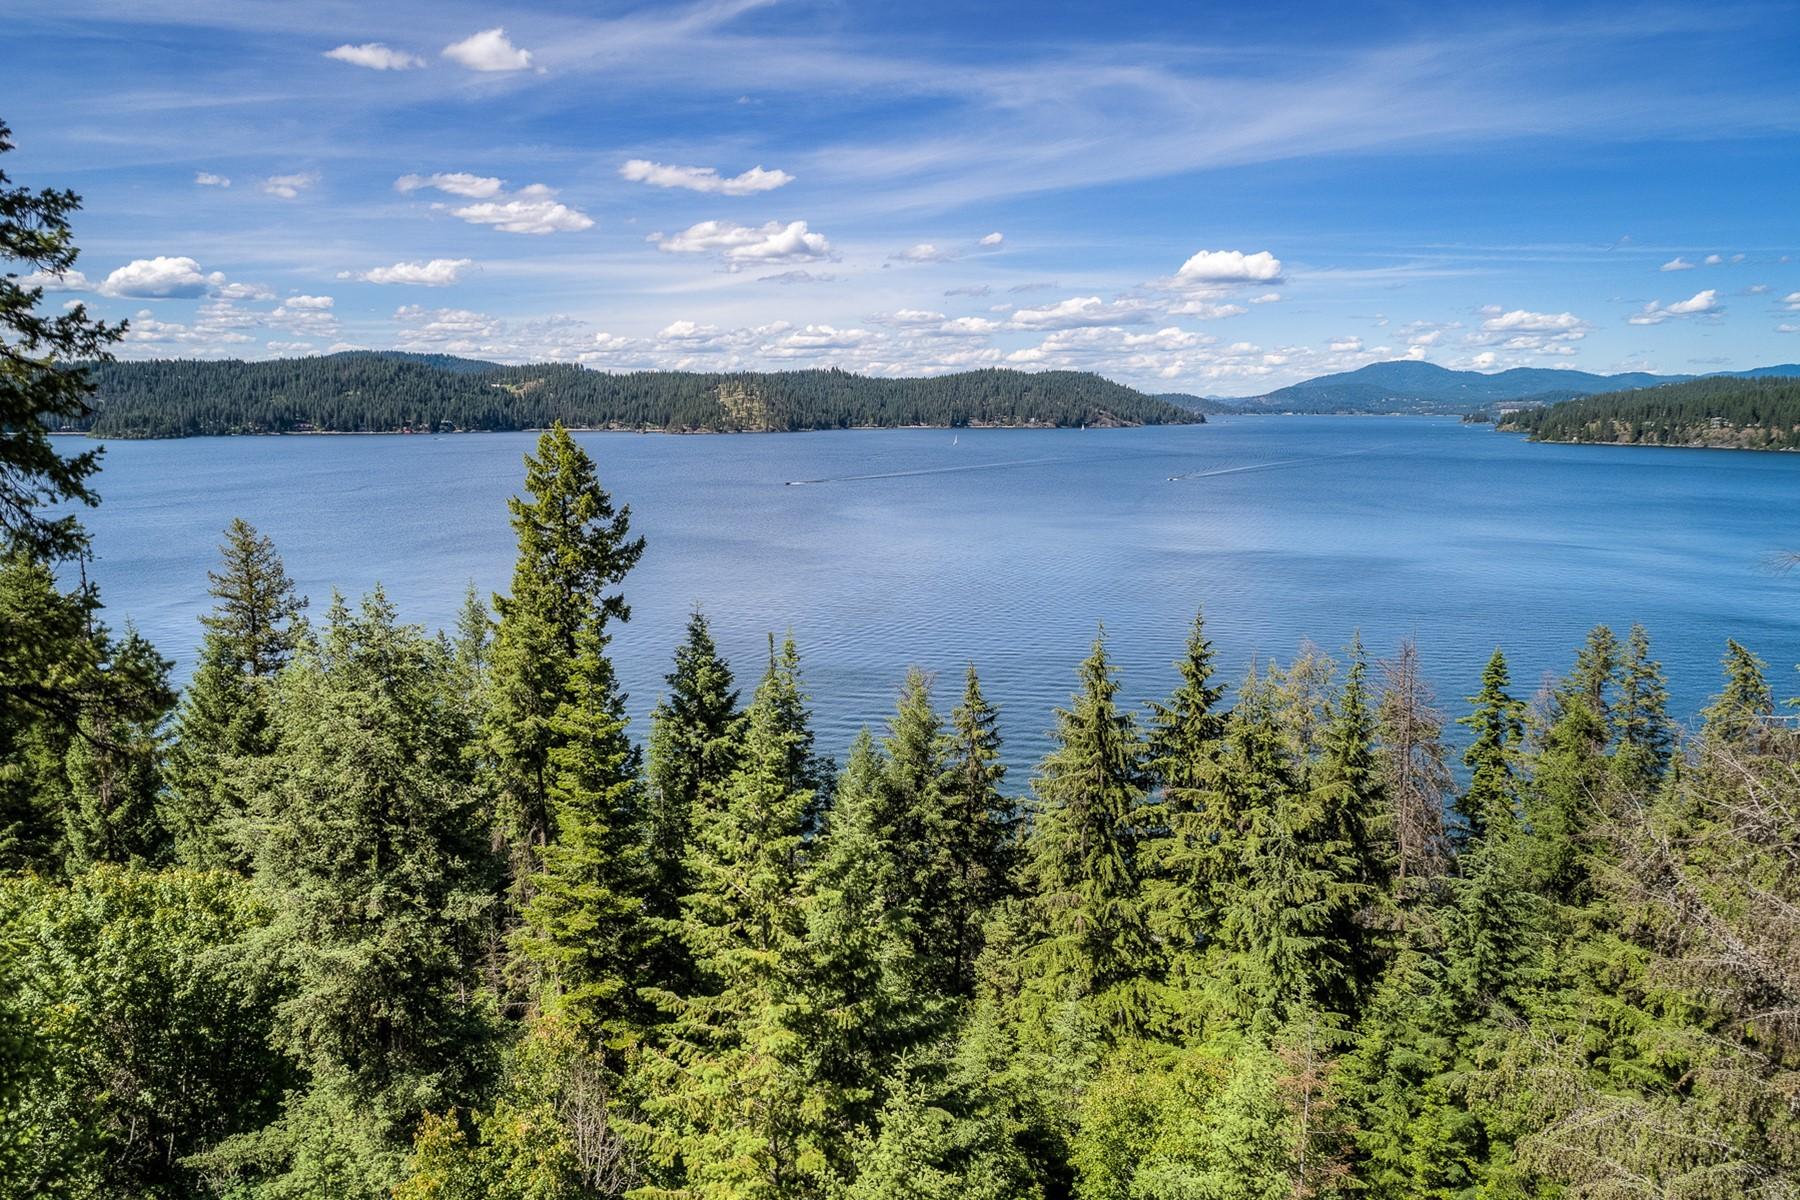 Terreno por un Venta en Enjoy the View! 25184 S Highway 97 Harrison, Idaho 83833 Estados Unidos